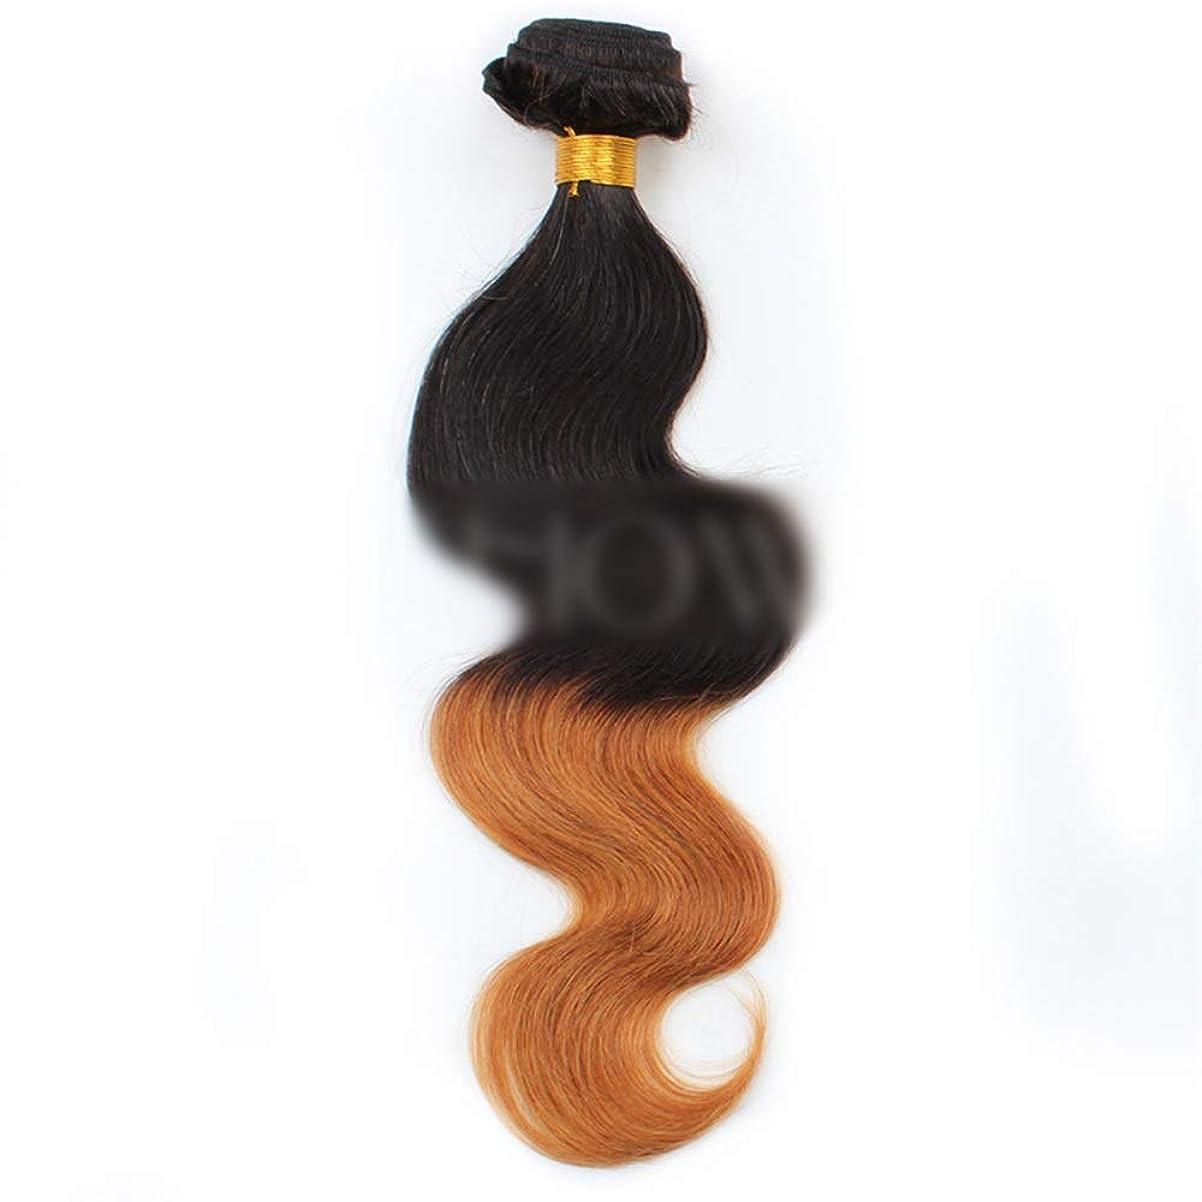 生まれ大腿見せますBOBIDYEE ブラジルの人間の髪の毛のボディ織り方ヘアエクステンション-1B / 30#黒から茶色へのグラデーショングラデーションカラー髪の織り方1バンドル、100g合成髪レースかつらロールプレイングかつら長くて短い女性自然 (色 : ブラウン, サイズ : 12 inch)